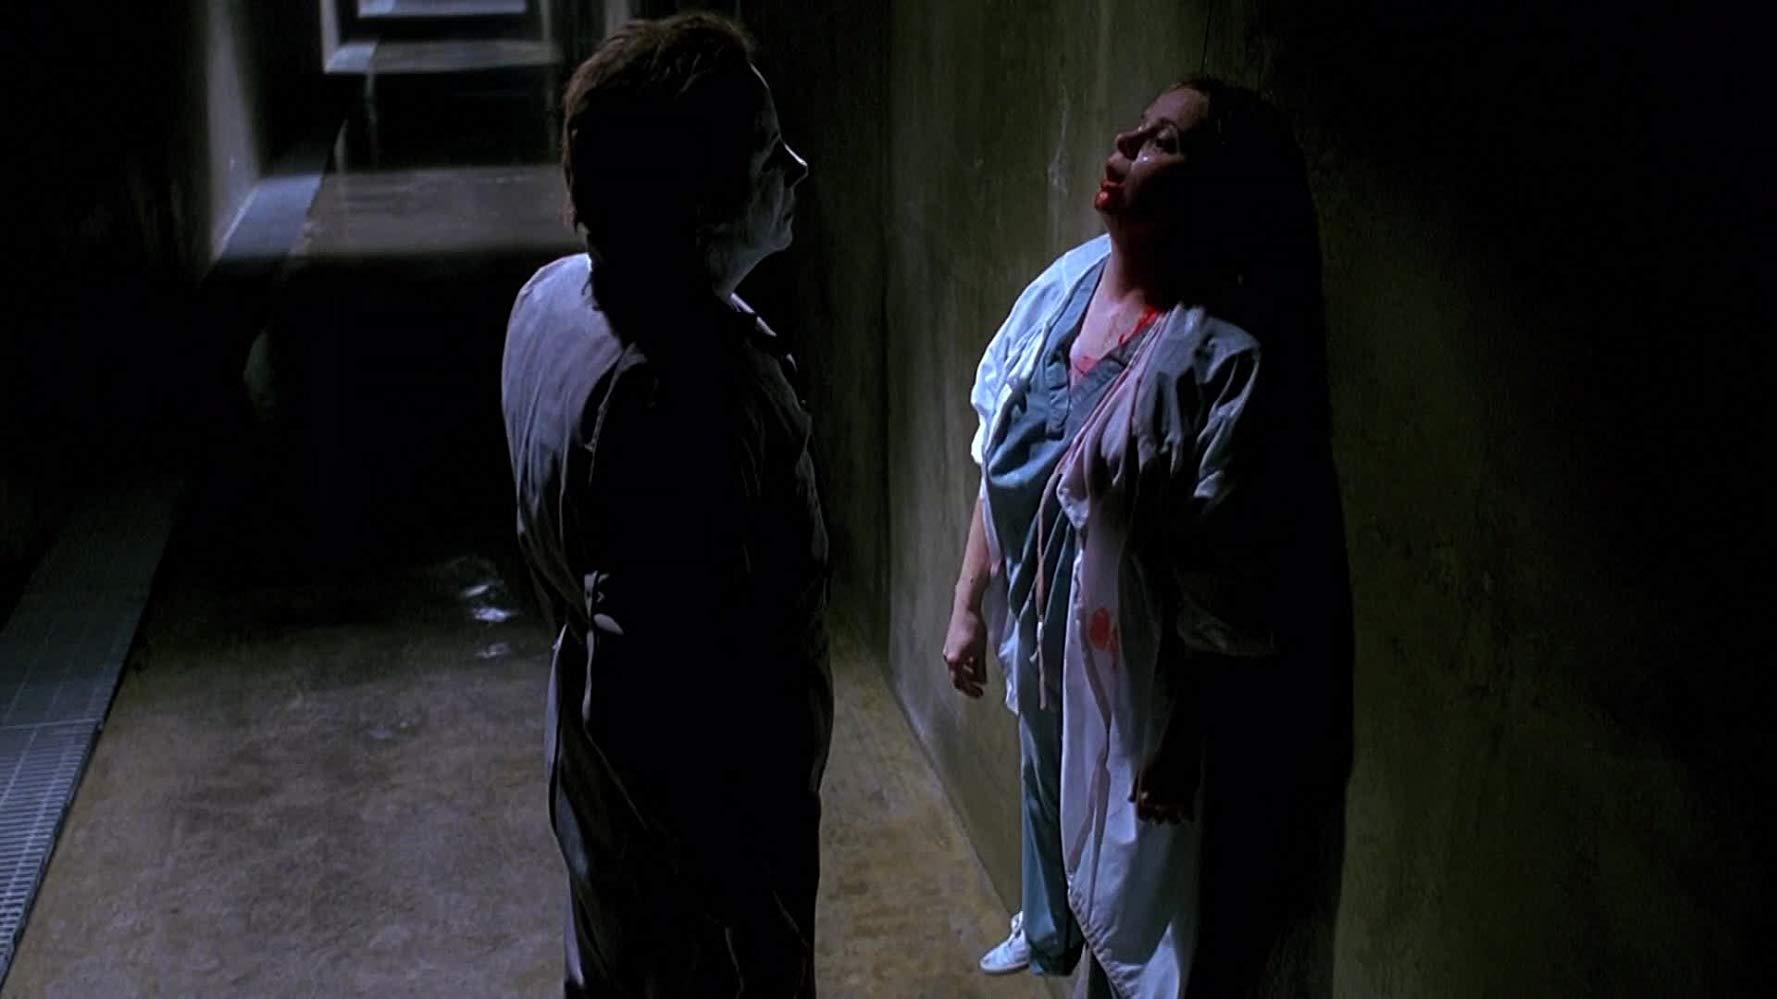 halloween 6 - la maledizione film 1995 michael